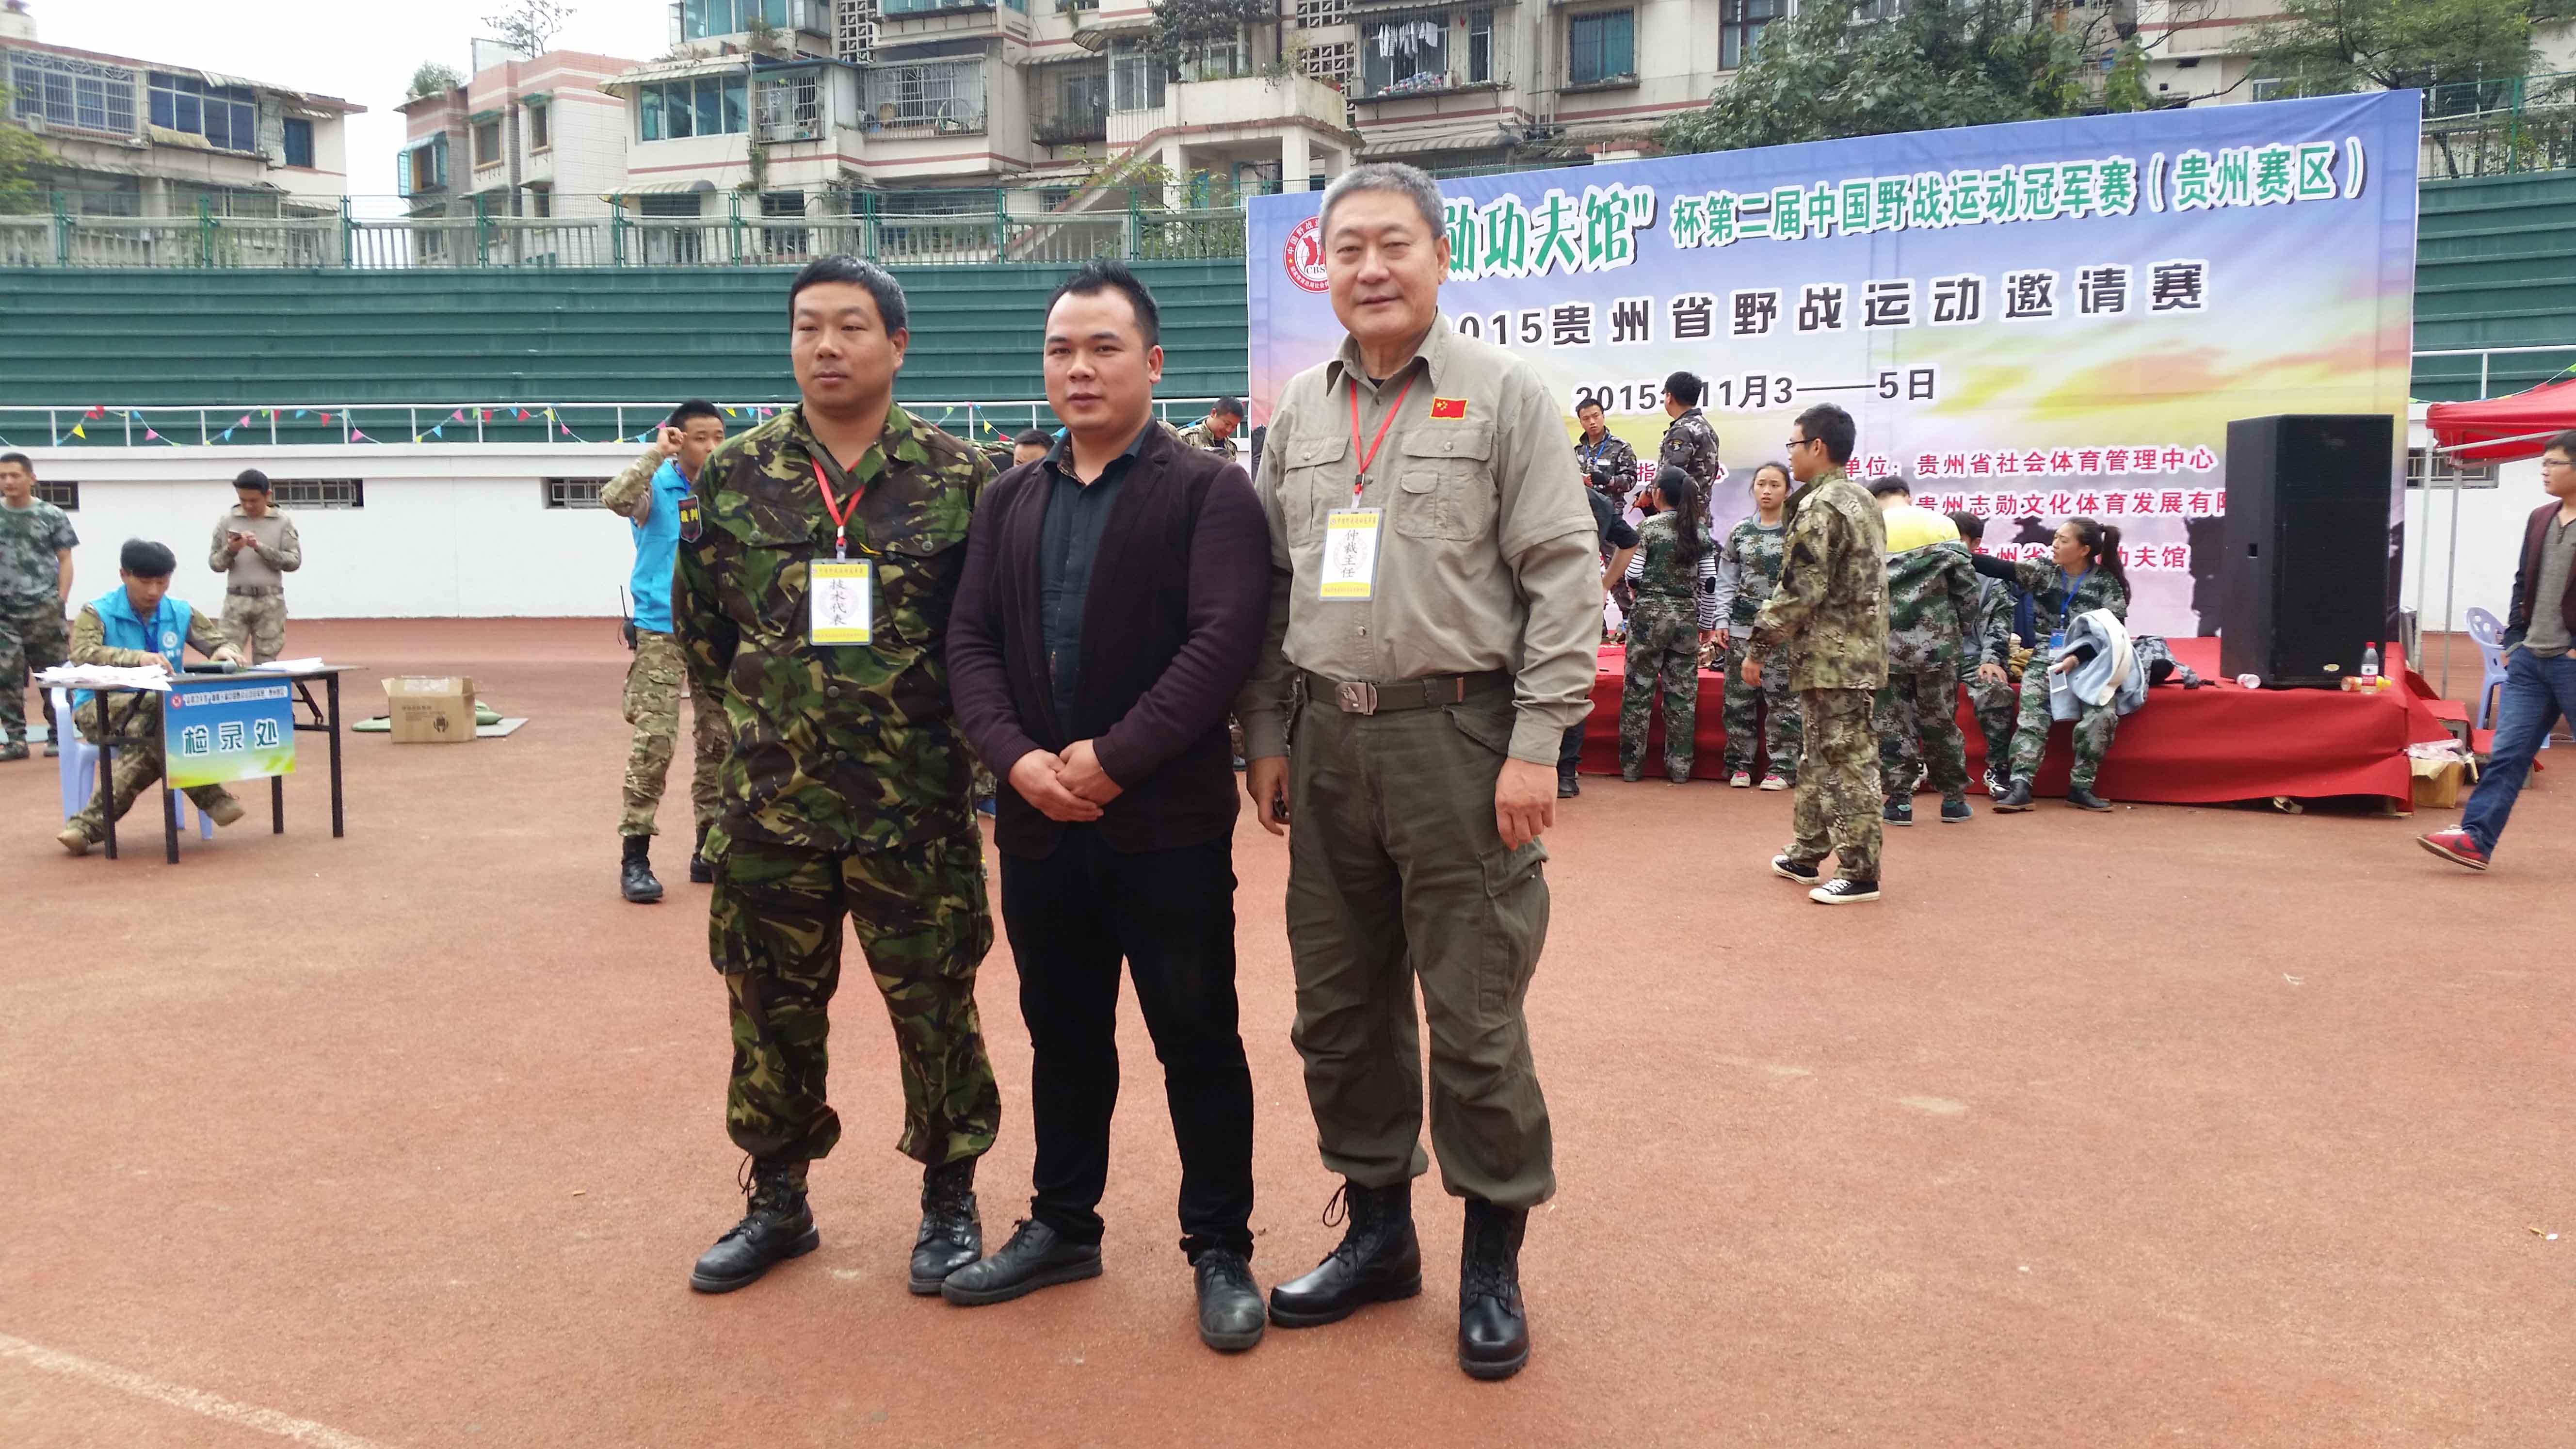 2015年承办中国野战运动冠军赛与国家体育总局老师合影